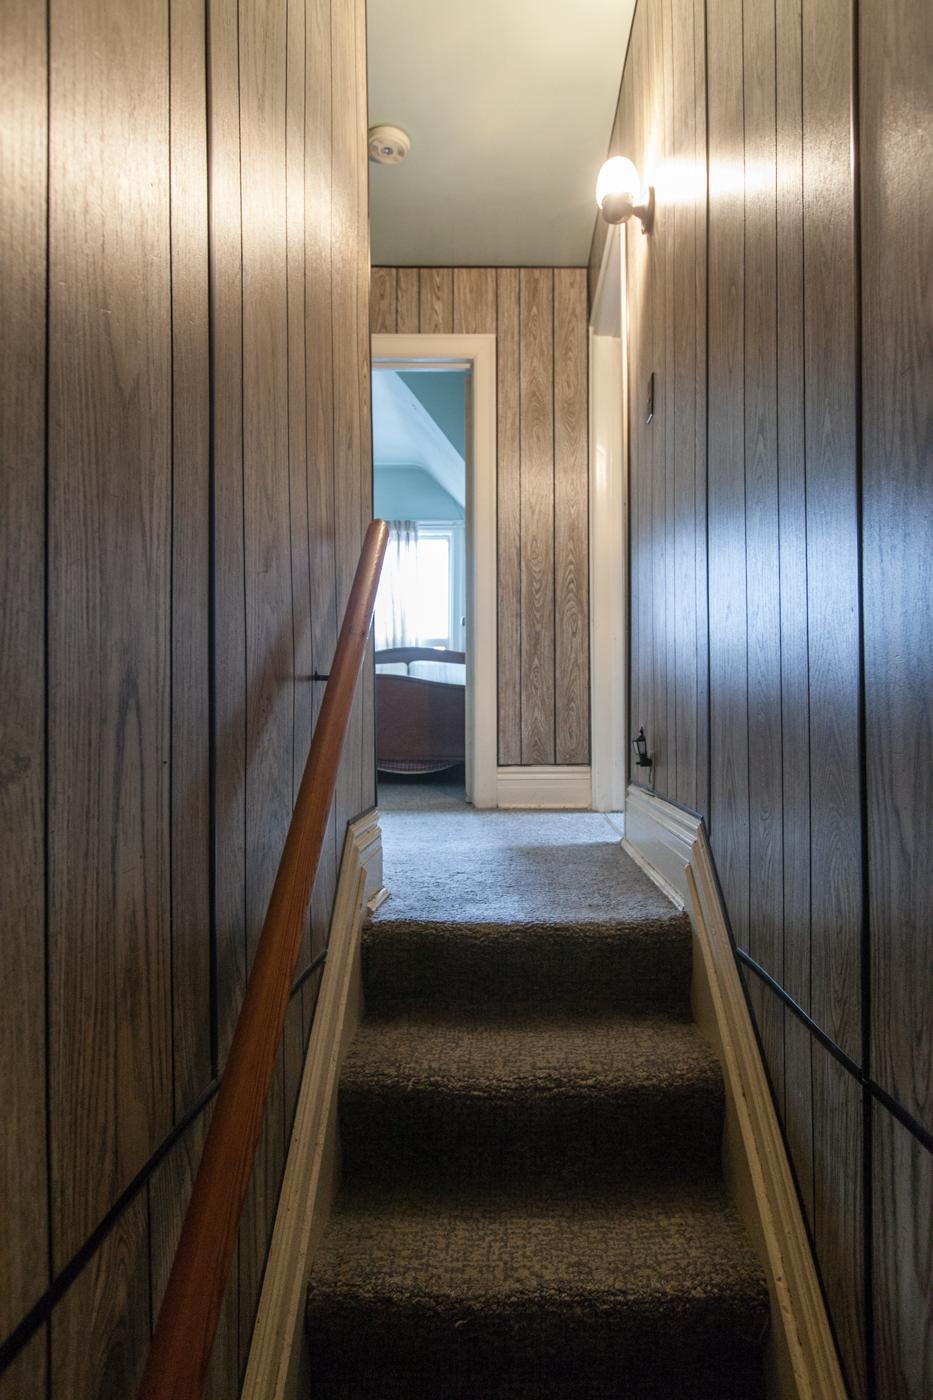 6 Third floor stair 1.jpg